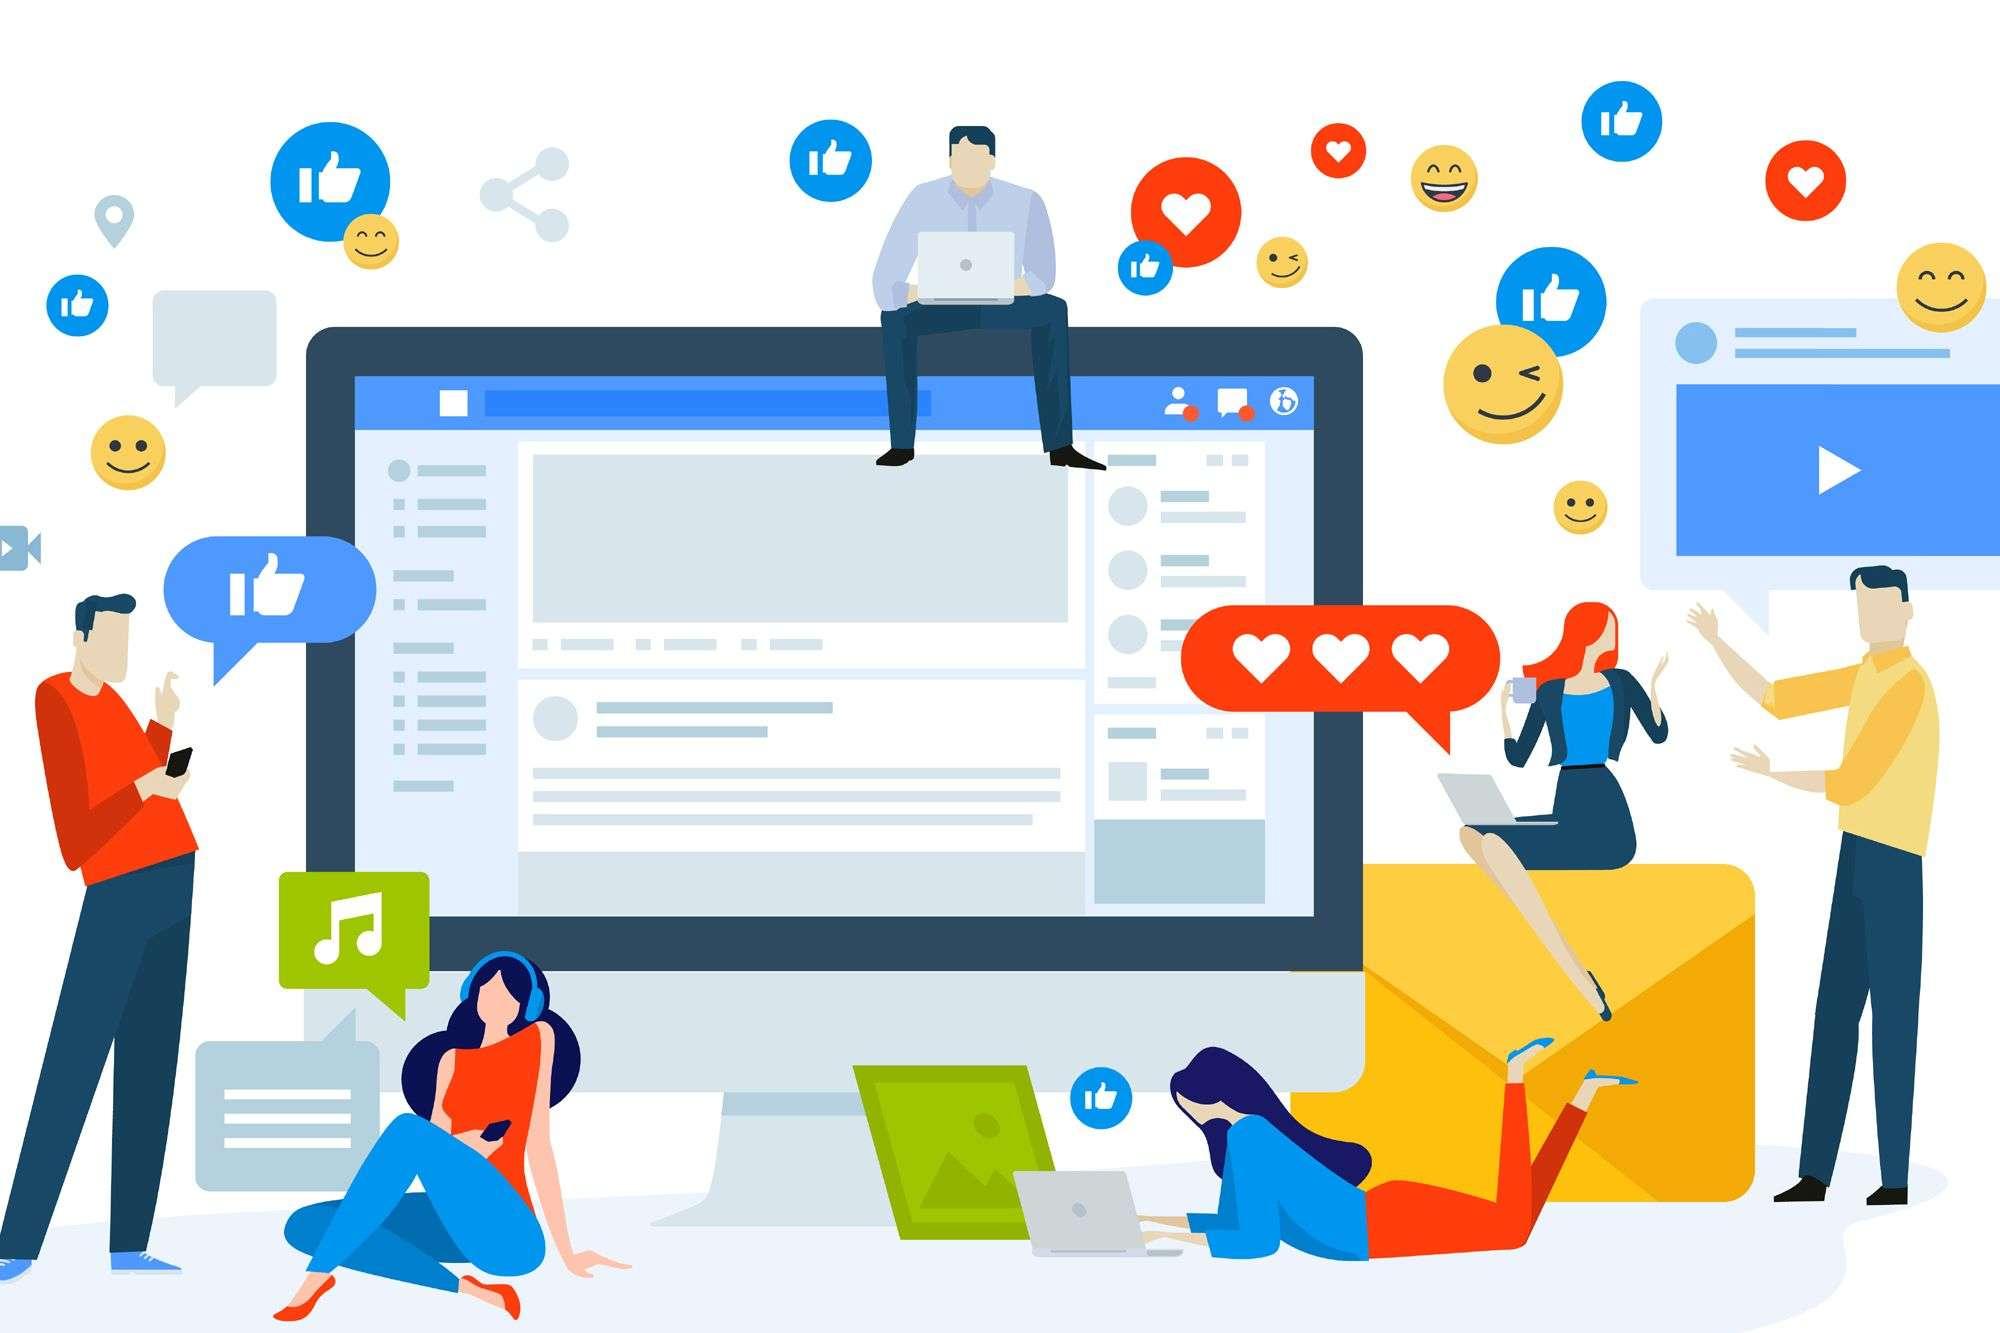 Tipe Konten yang dapat Menaikkan Engagement di Media Sosial ...